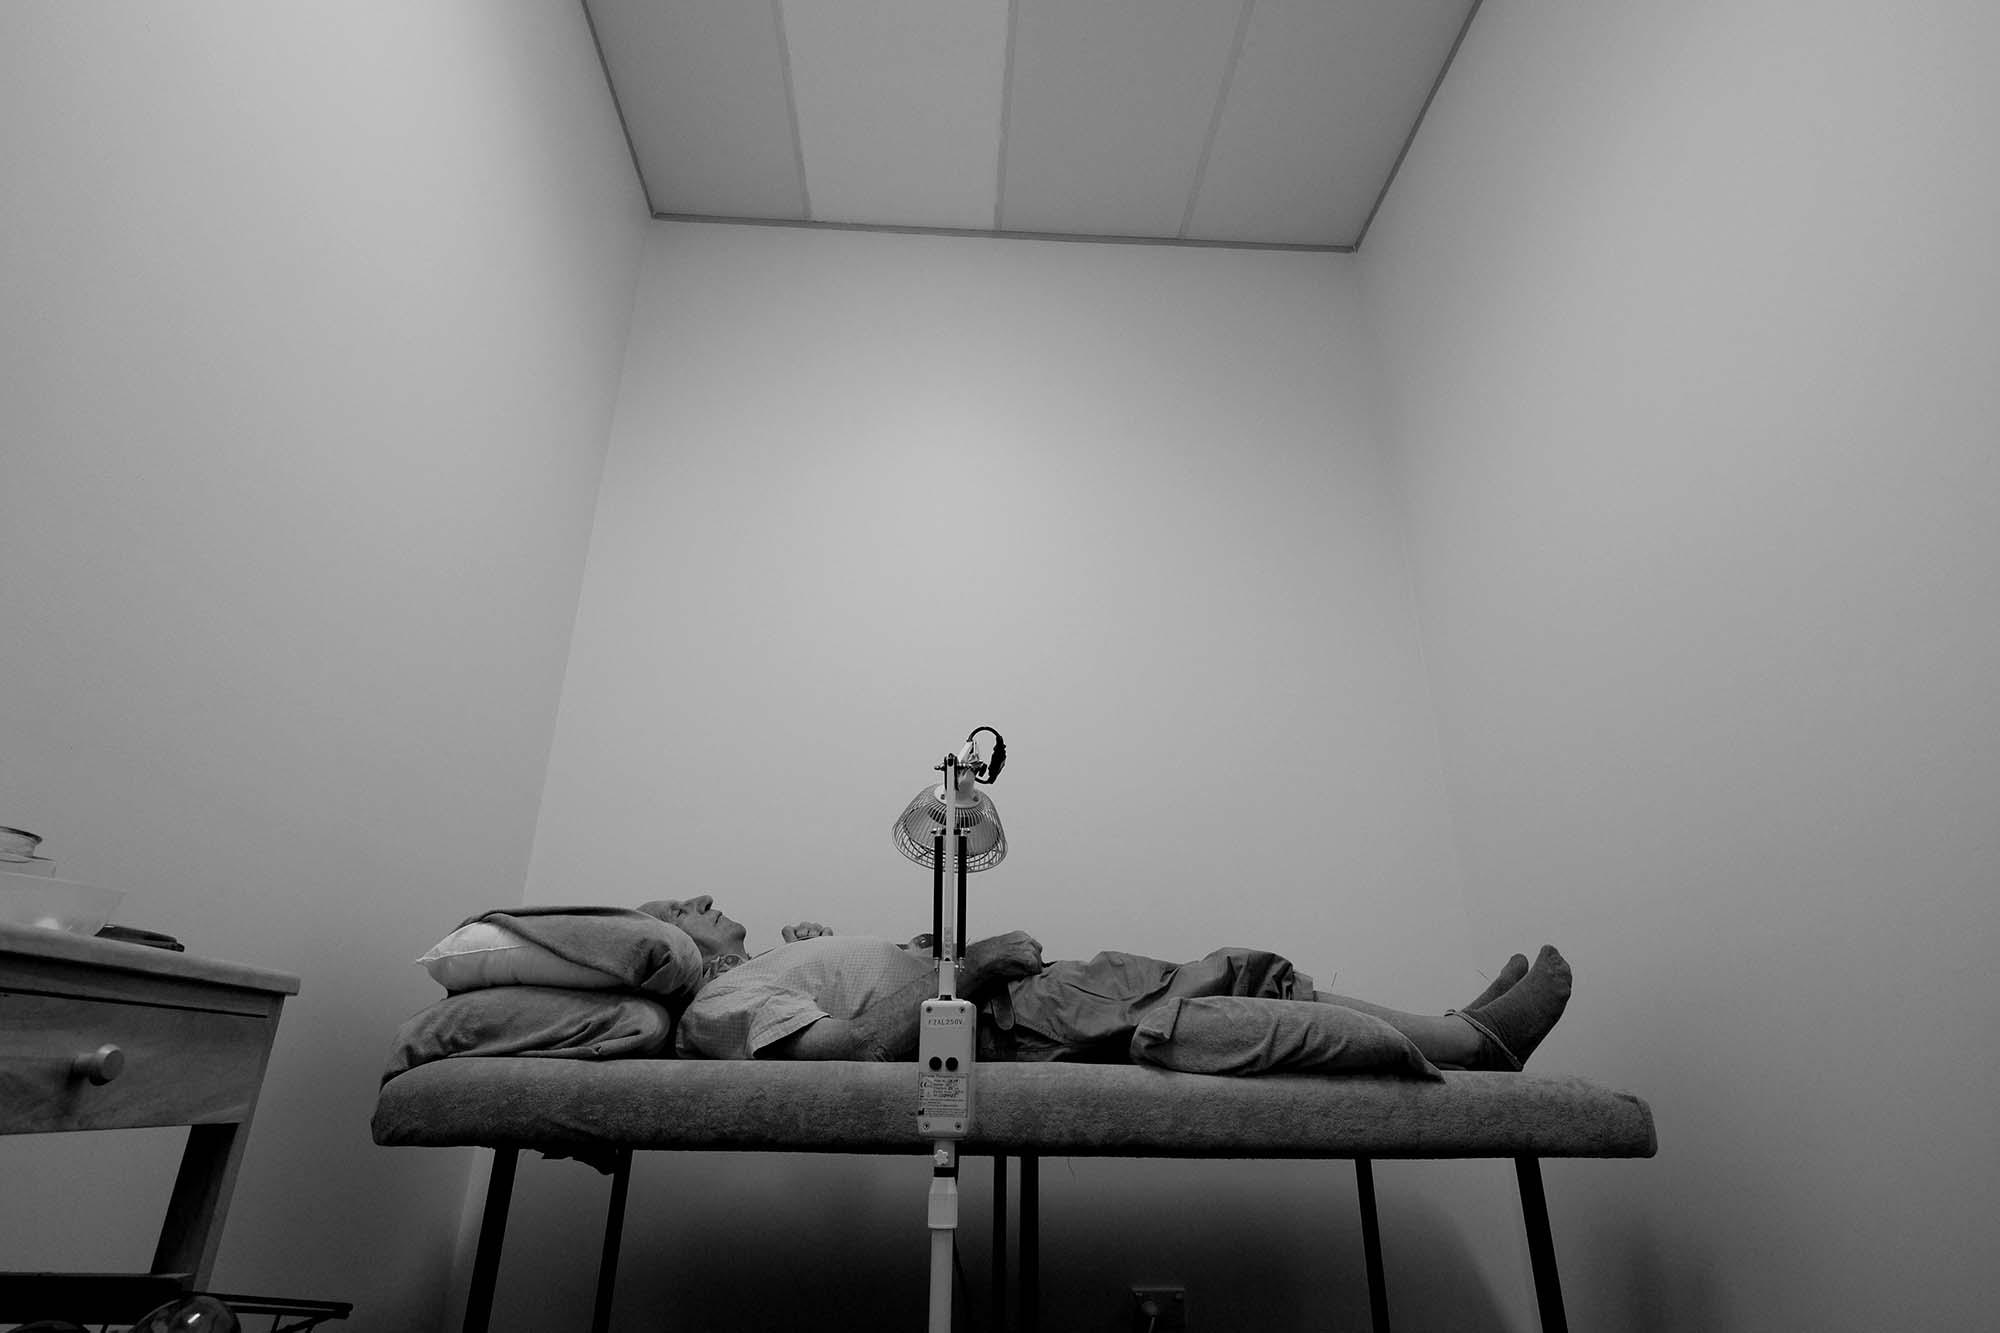 acupunctureemailDSCF1519.jpg